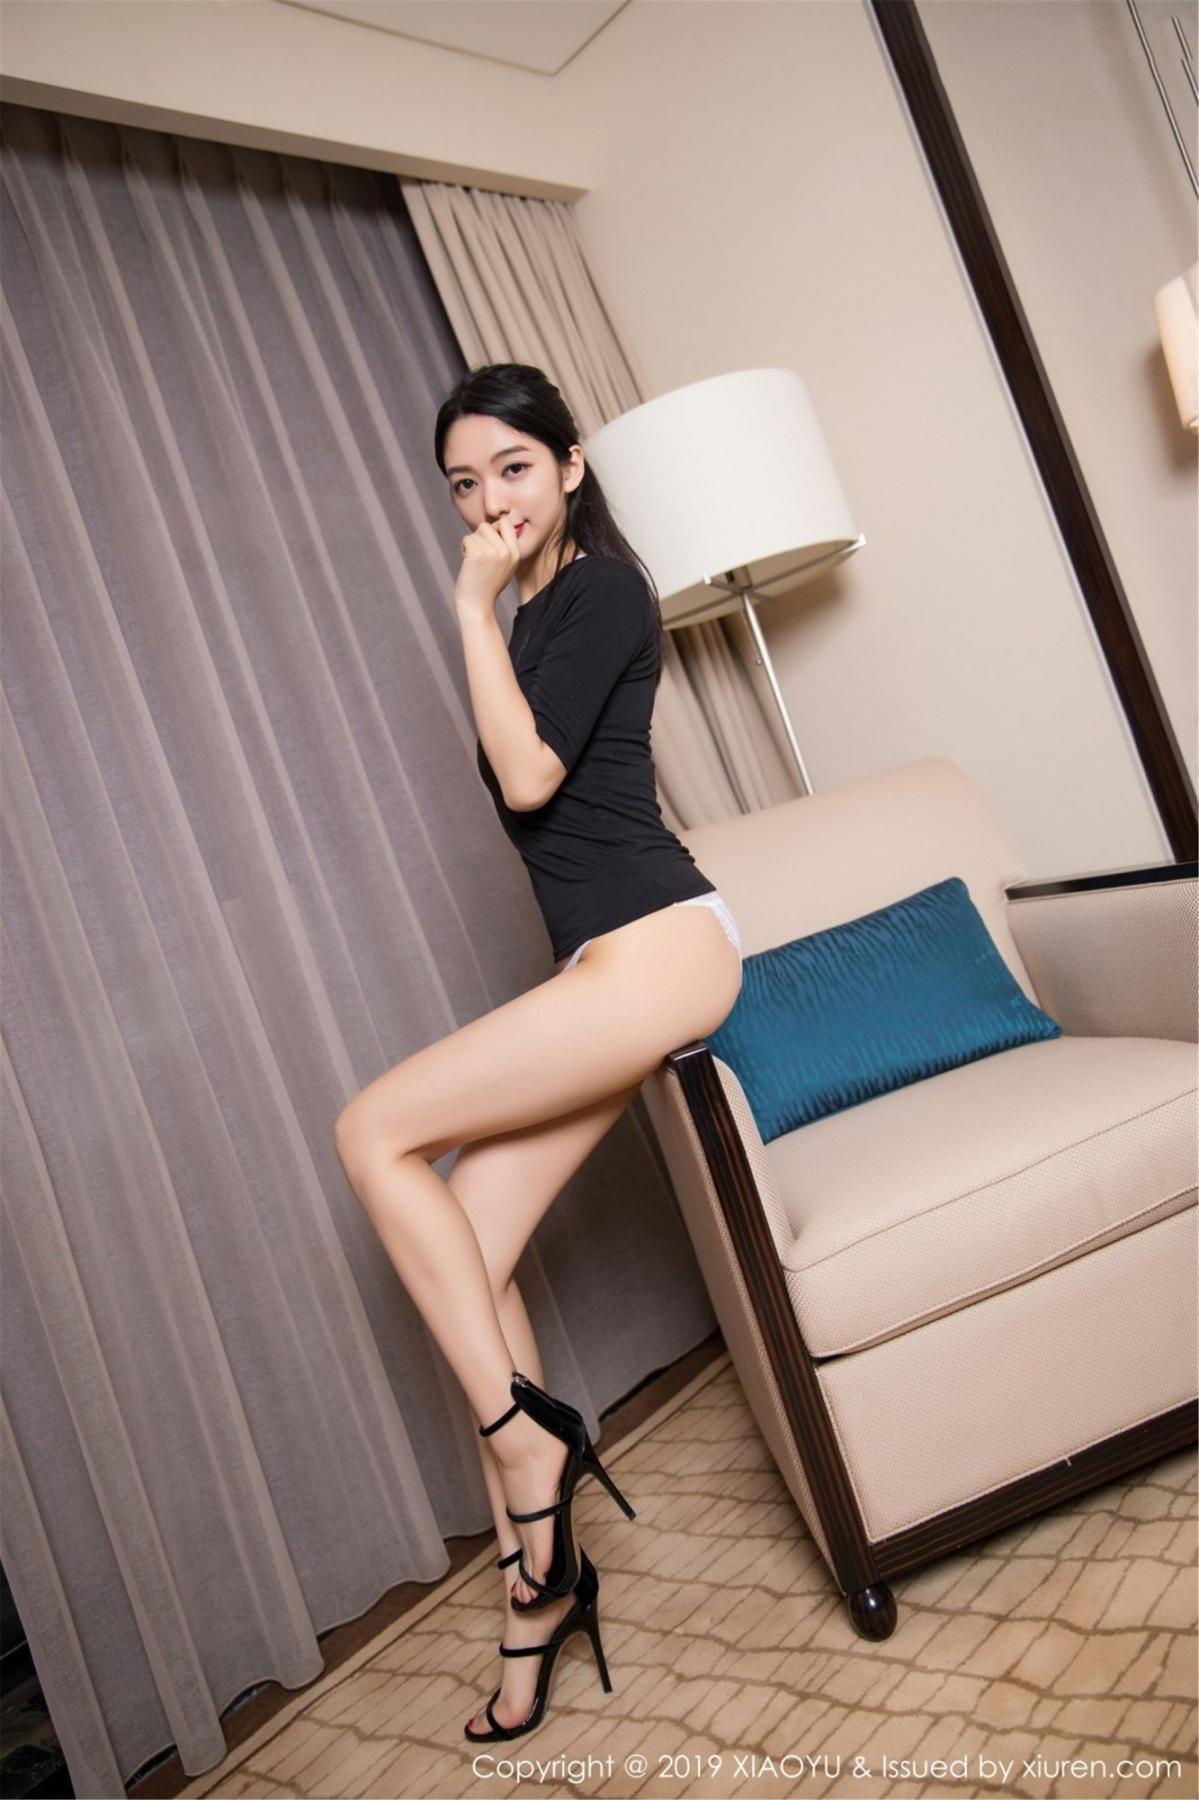 [XiaoYu] Vol.083 Di Yi 1P, Di Yi, Underwear, Wet, XiaoYu